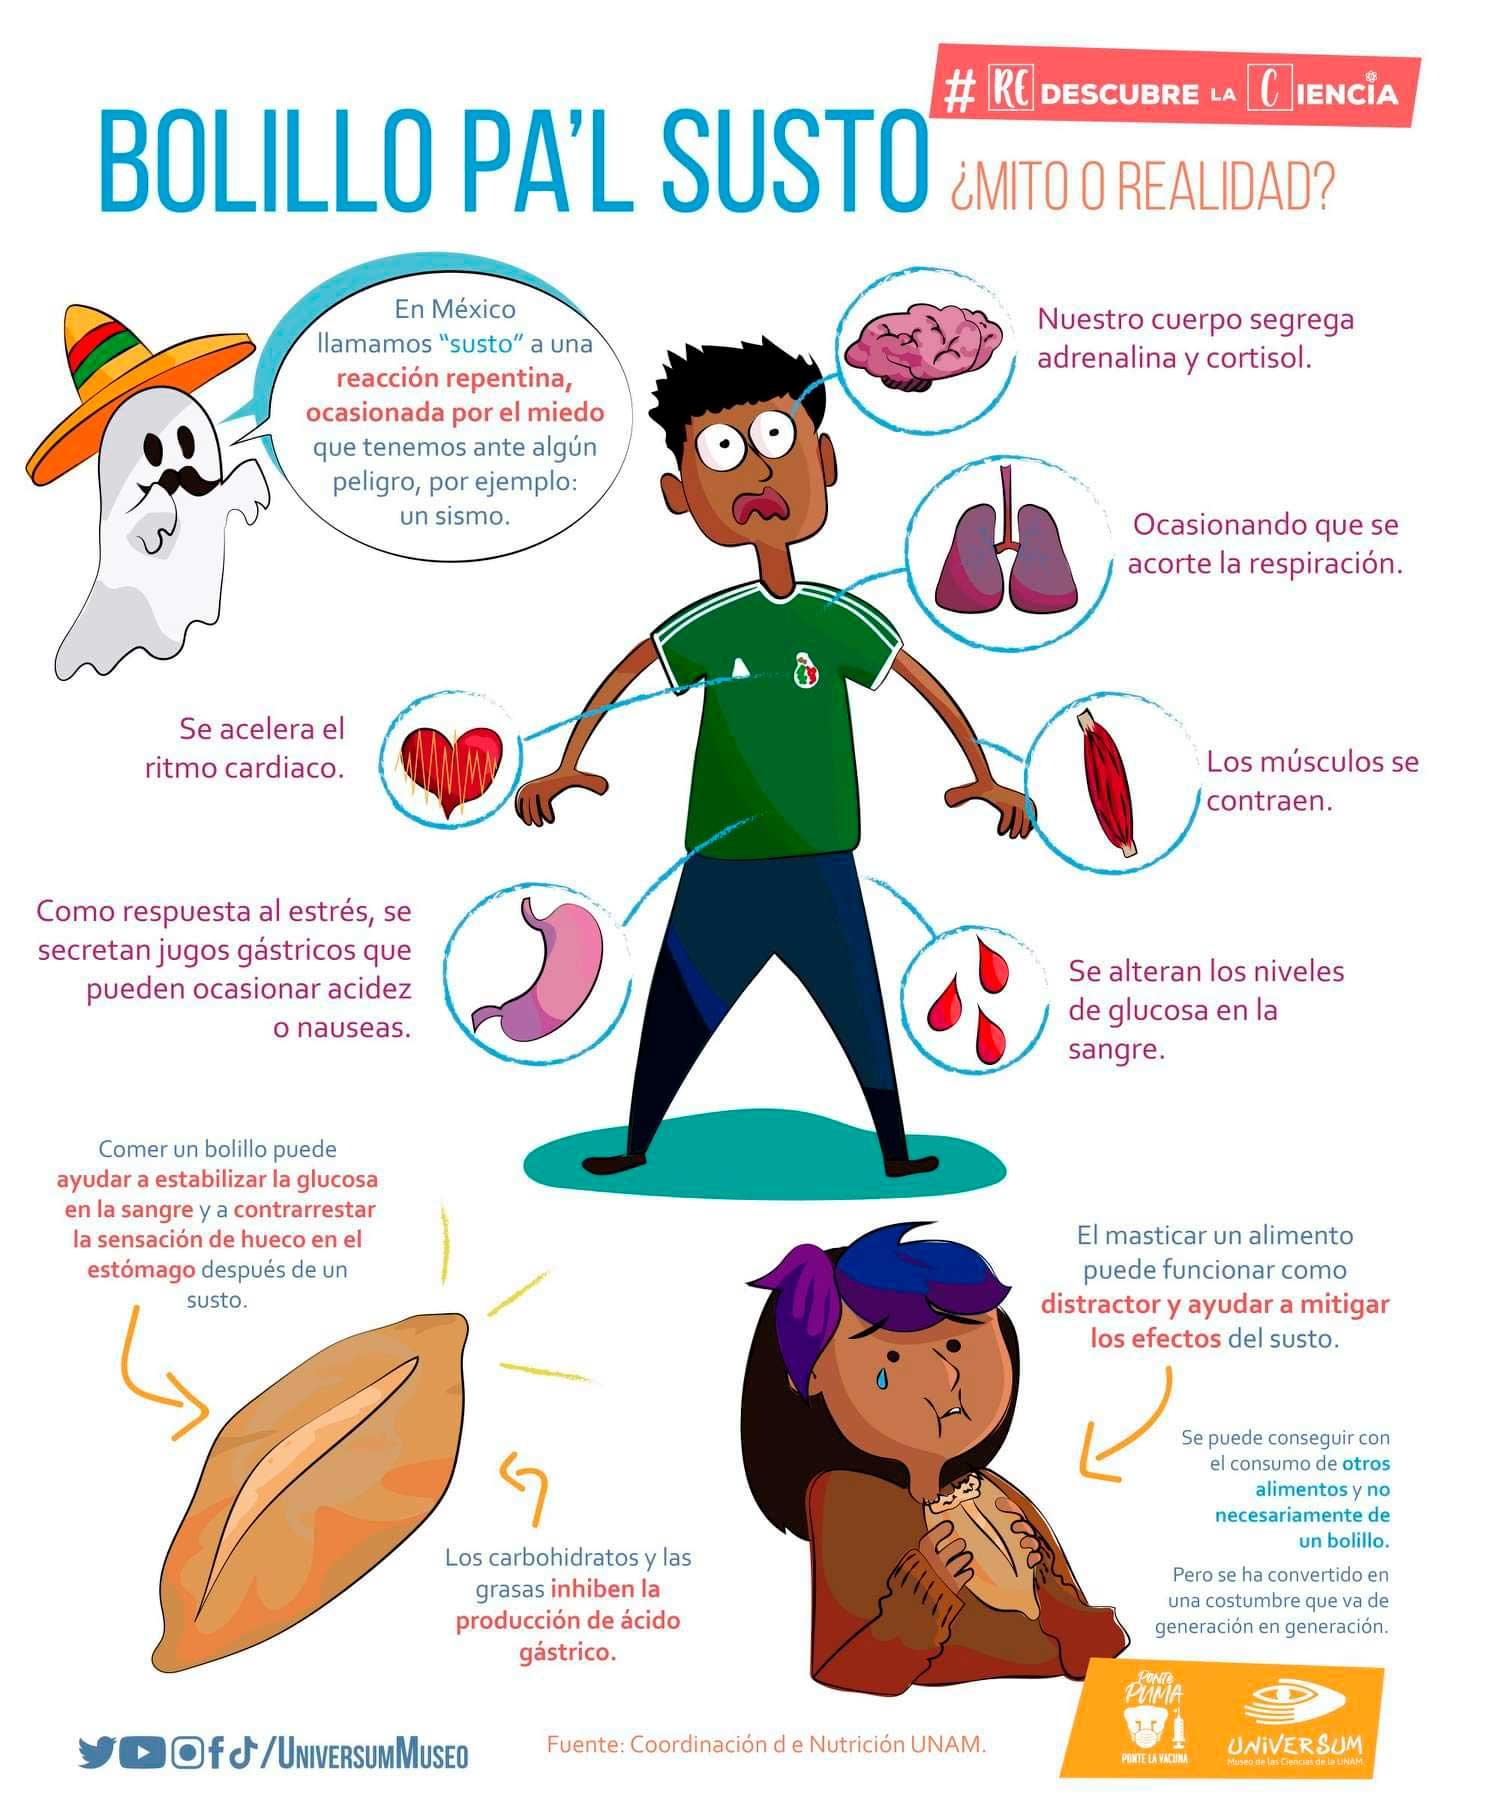 Datos curiosos sobre el bolillo, alimento típico y tradicional en México para curar el susto.